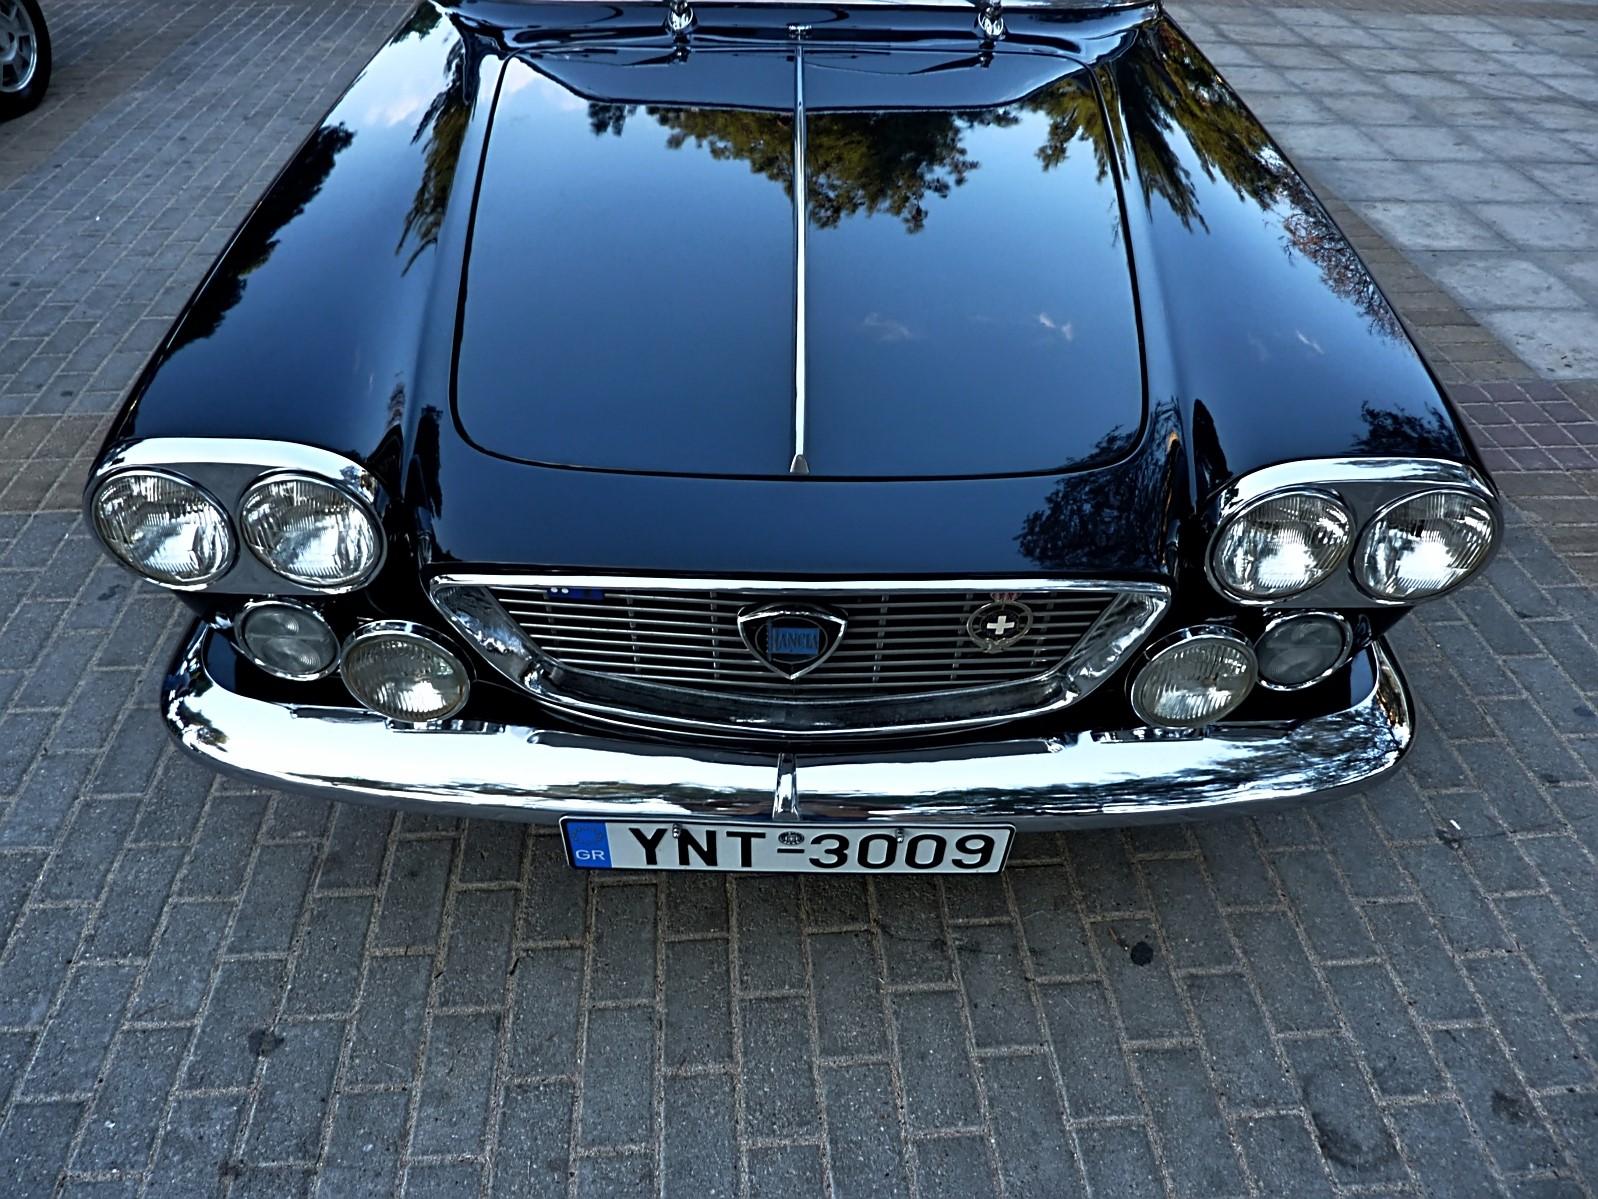 1968 Lancia Flavia PF Iniezione (24)